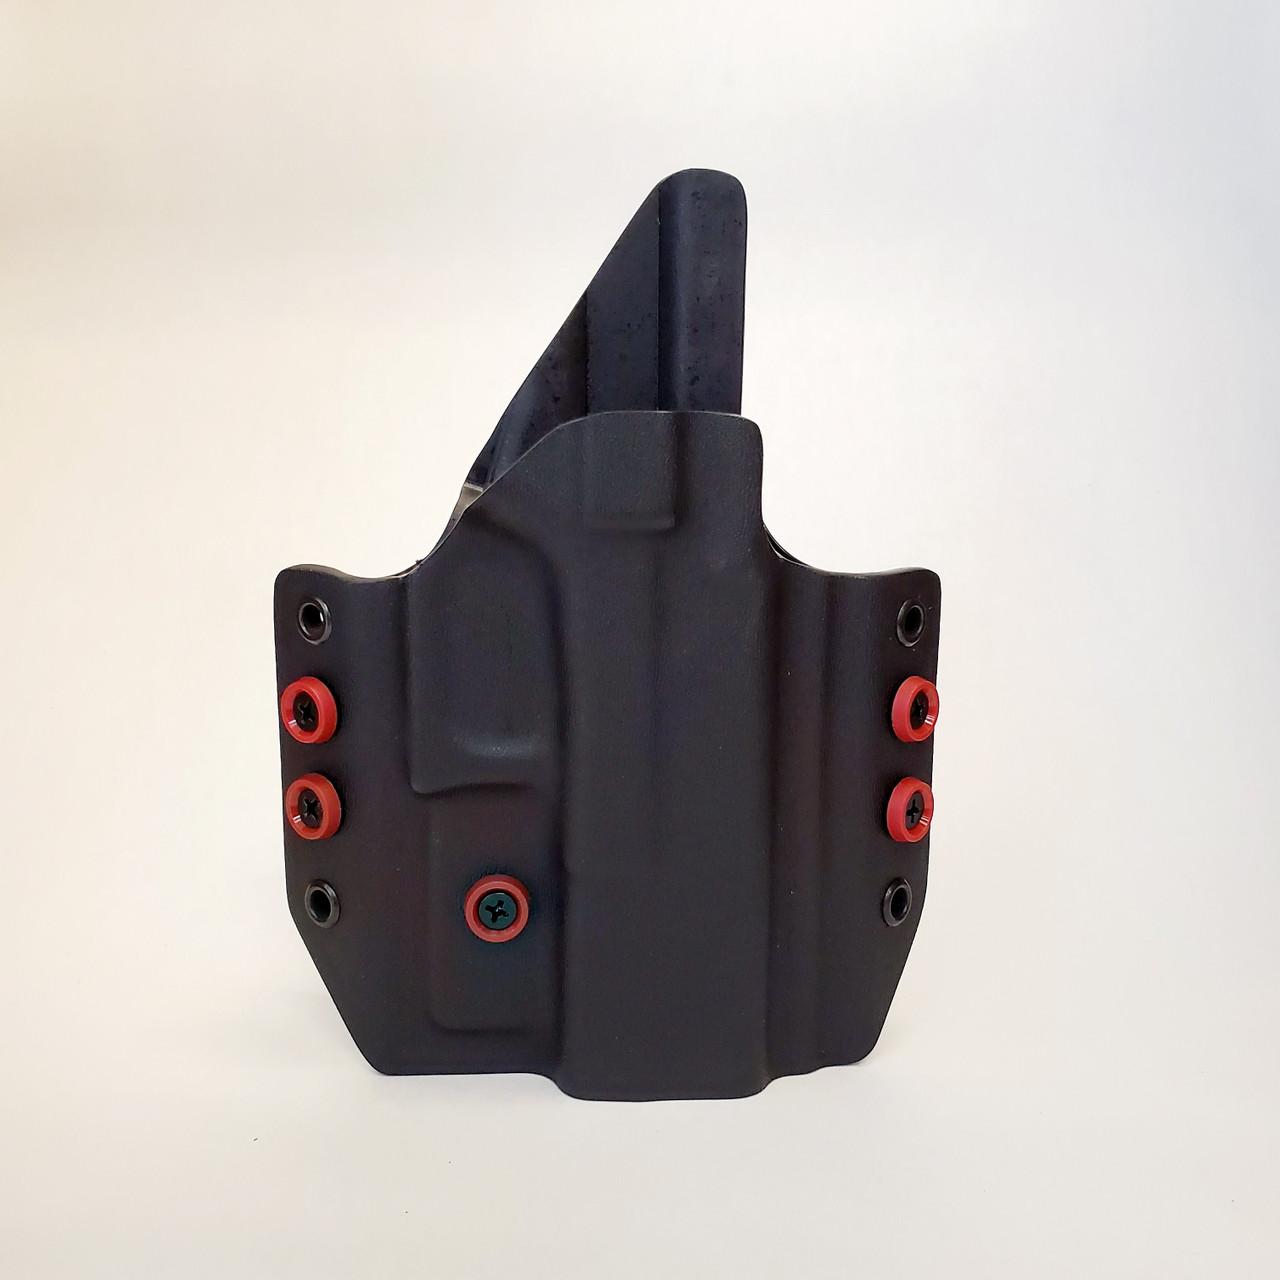 owb holster , range holster , outside the waistband kydex holster  for glock 19